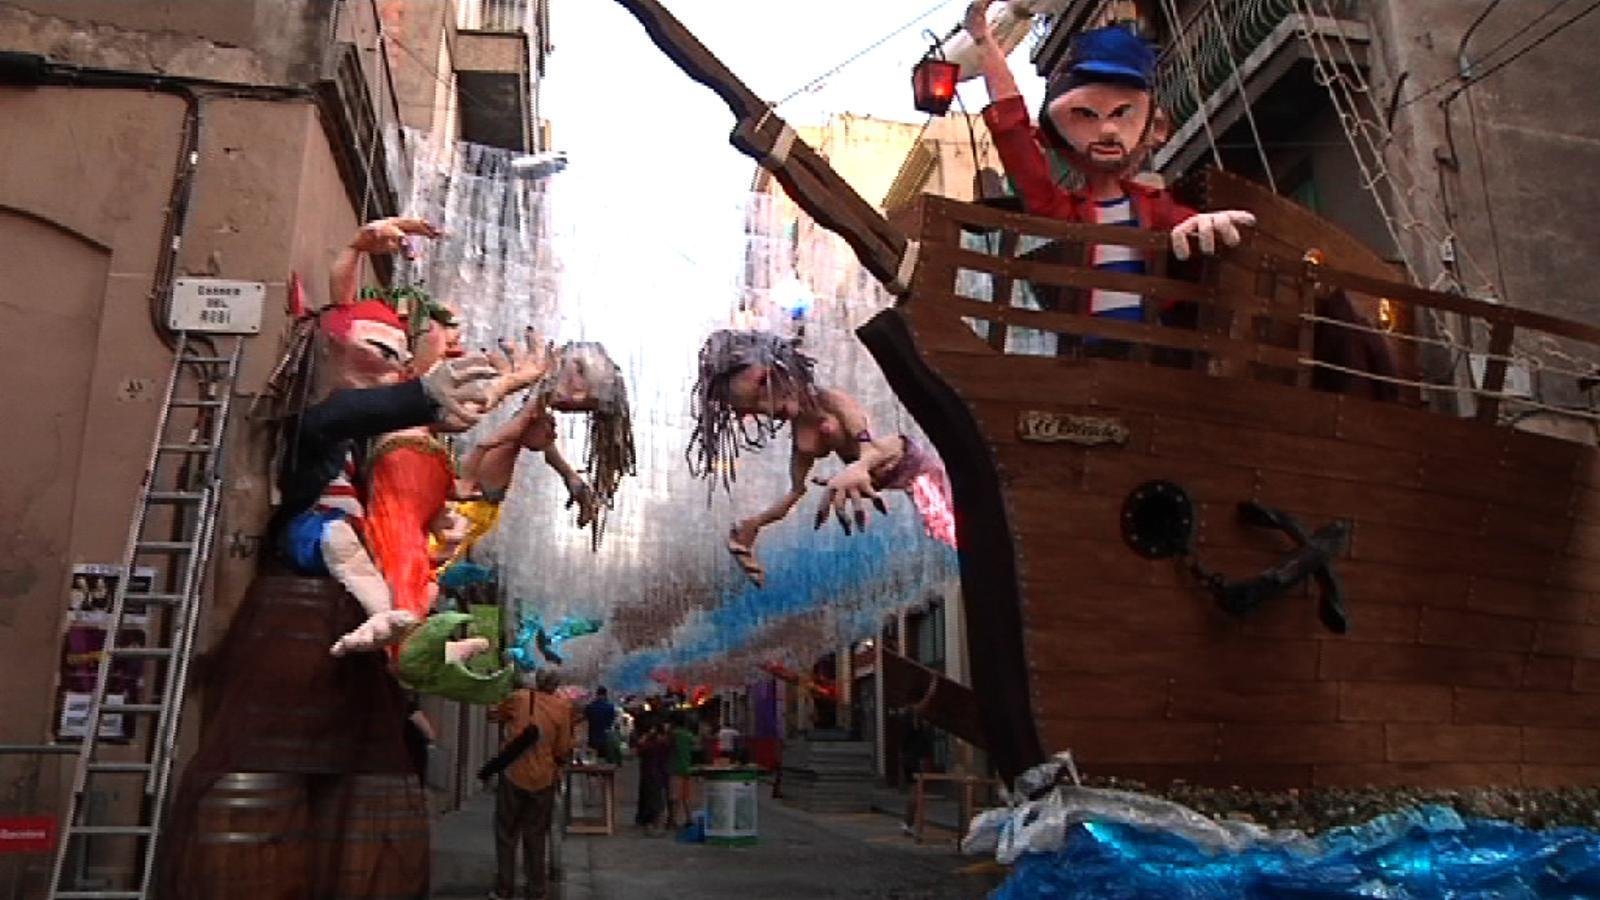 Festes de Gràcia: Verdi sempre està per damunt, és com competir contra el Barça o el Madrid